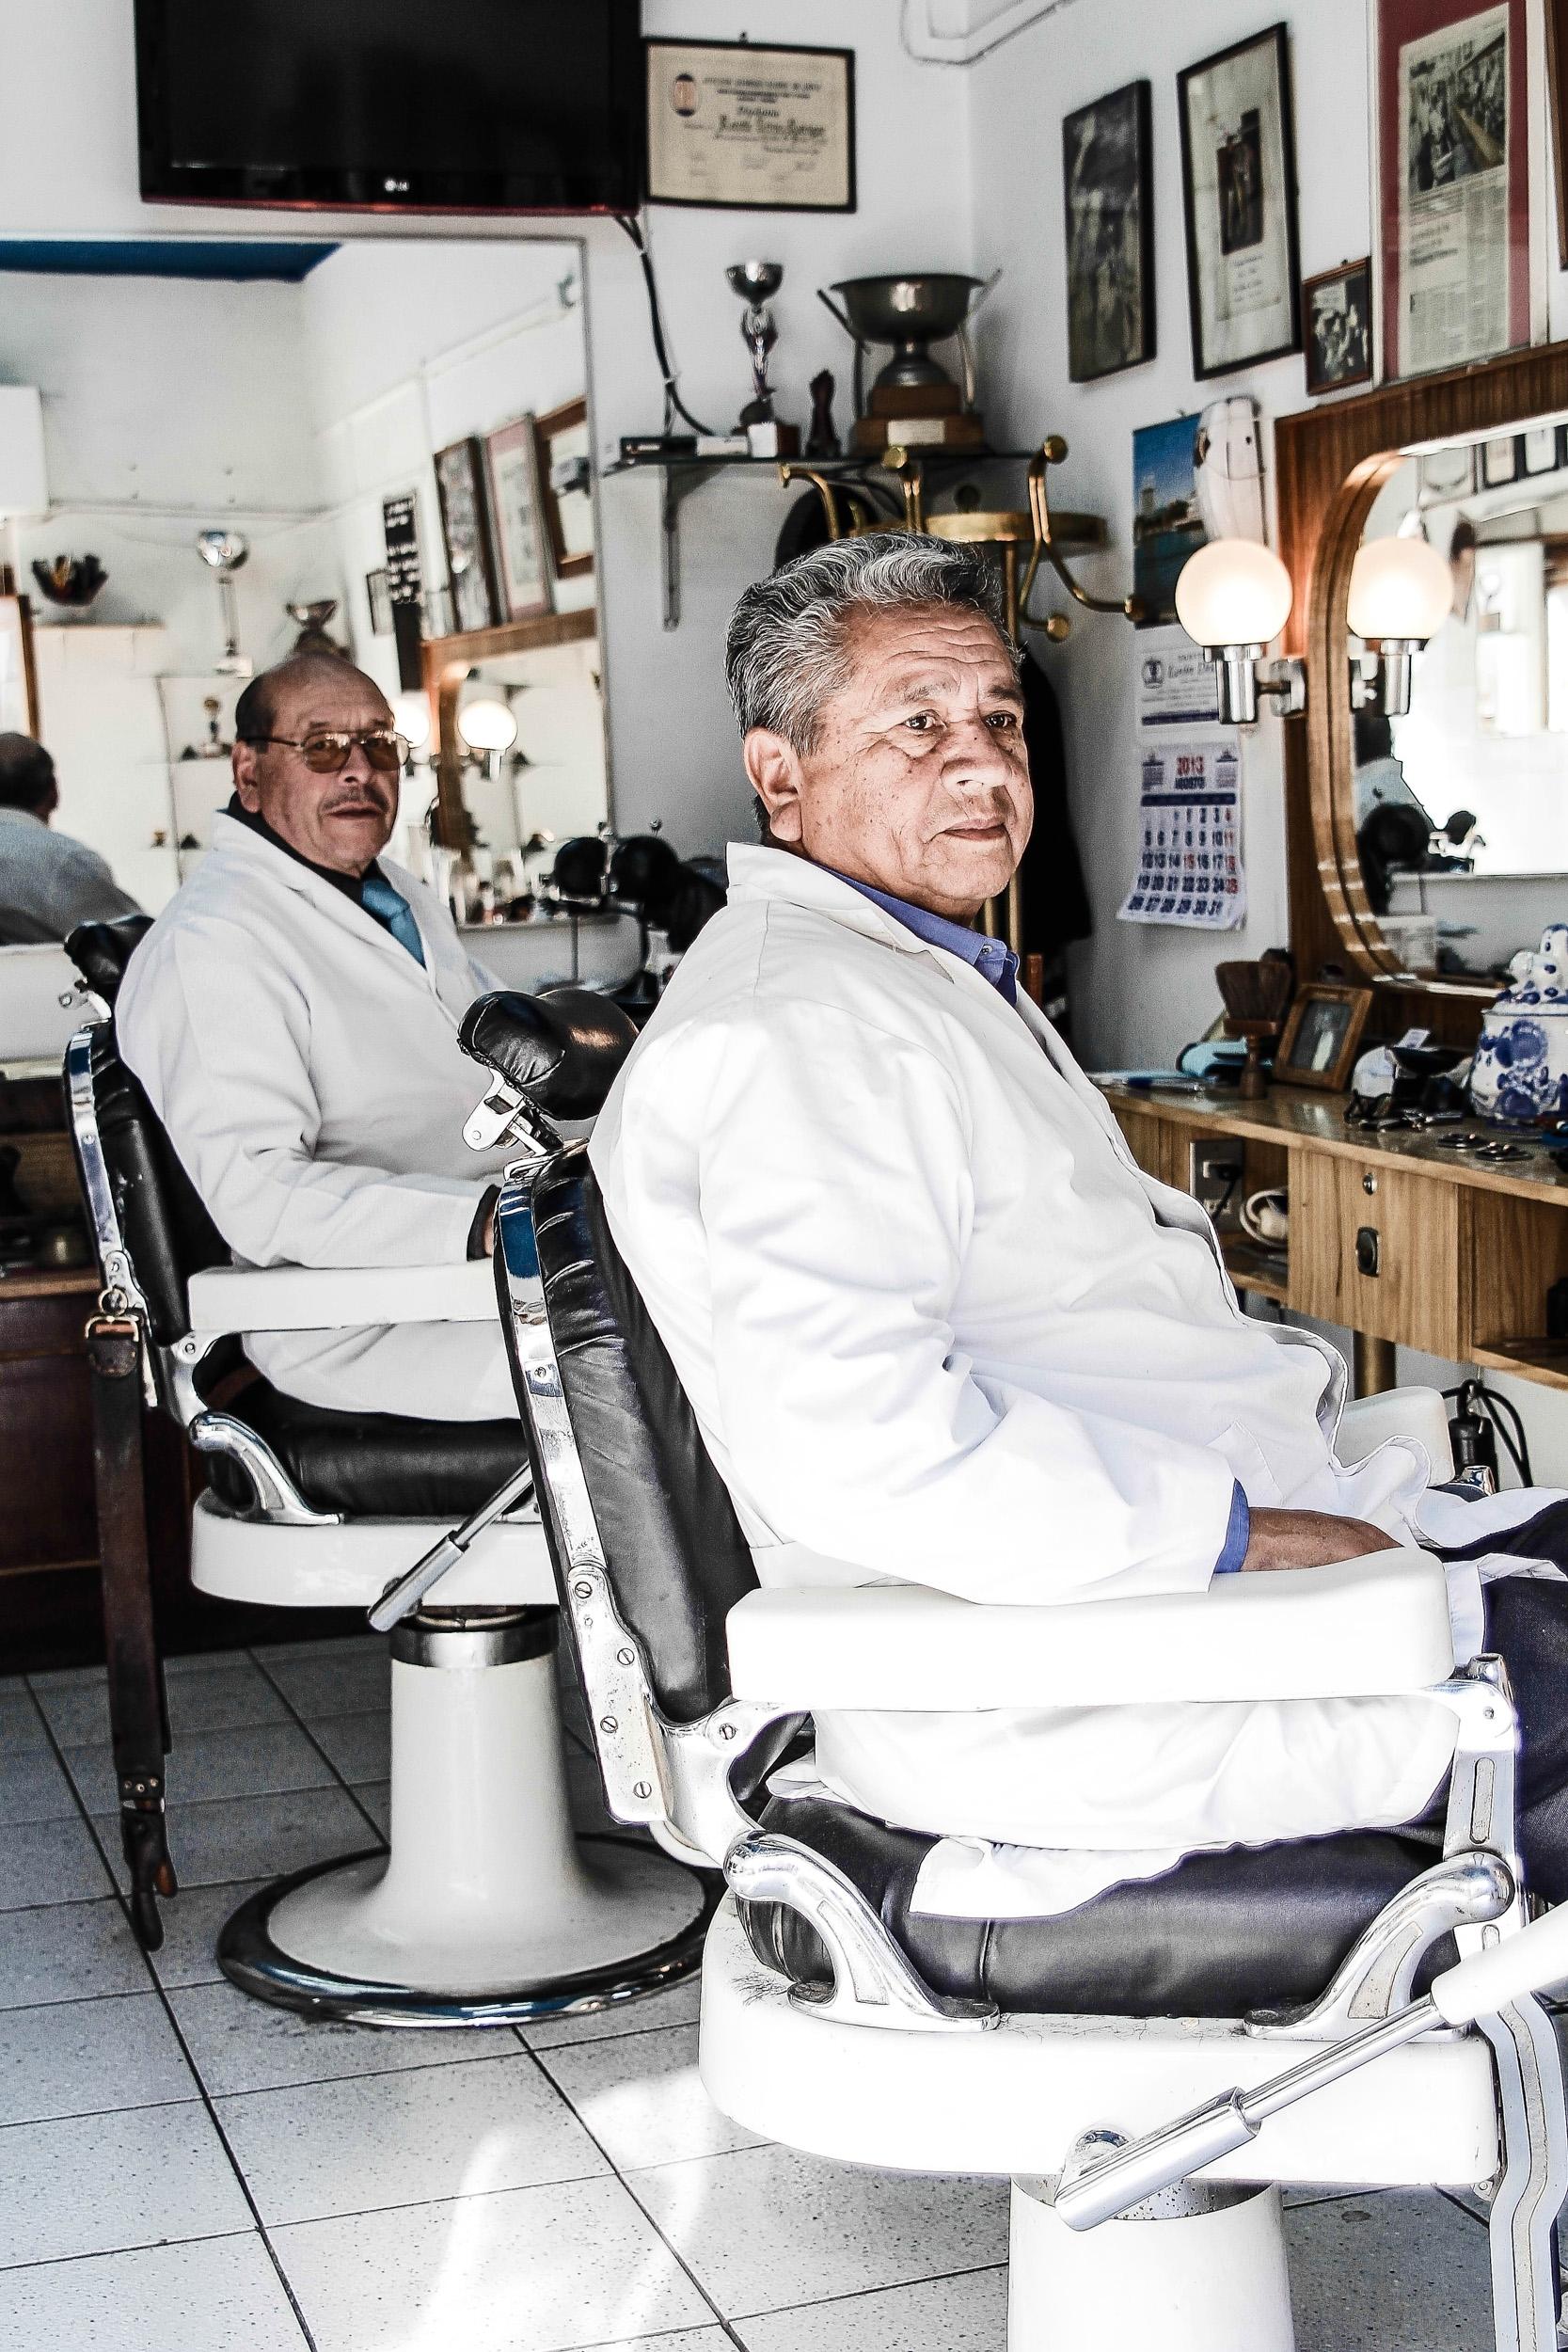 Los Barberos del Barrio Yungay 5_08_2012 (2 of 9).jpg